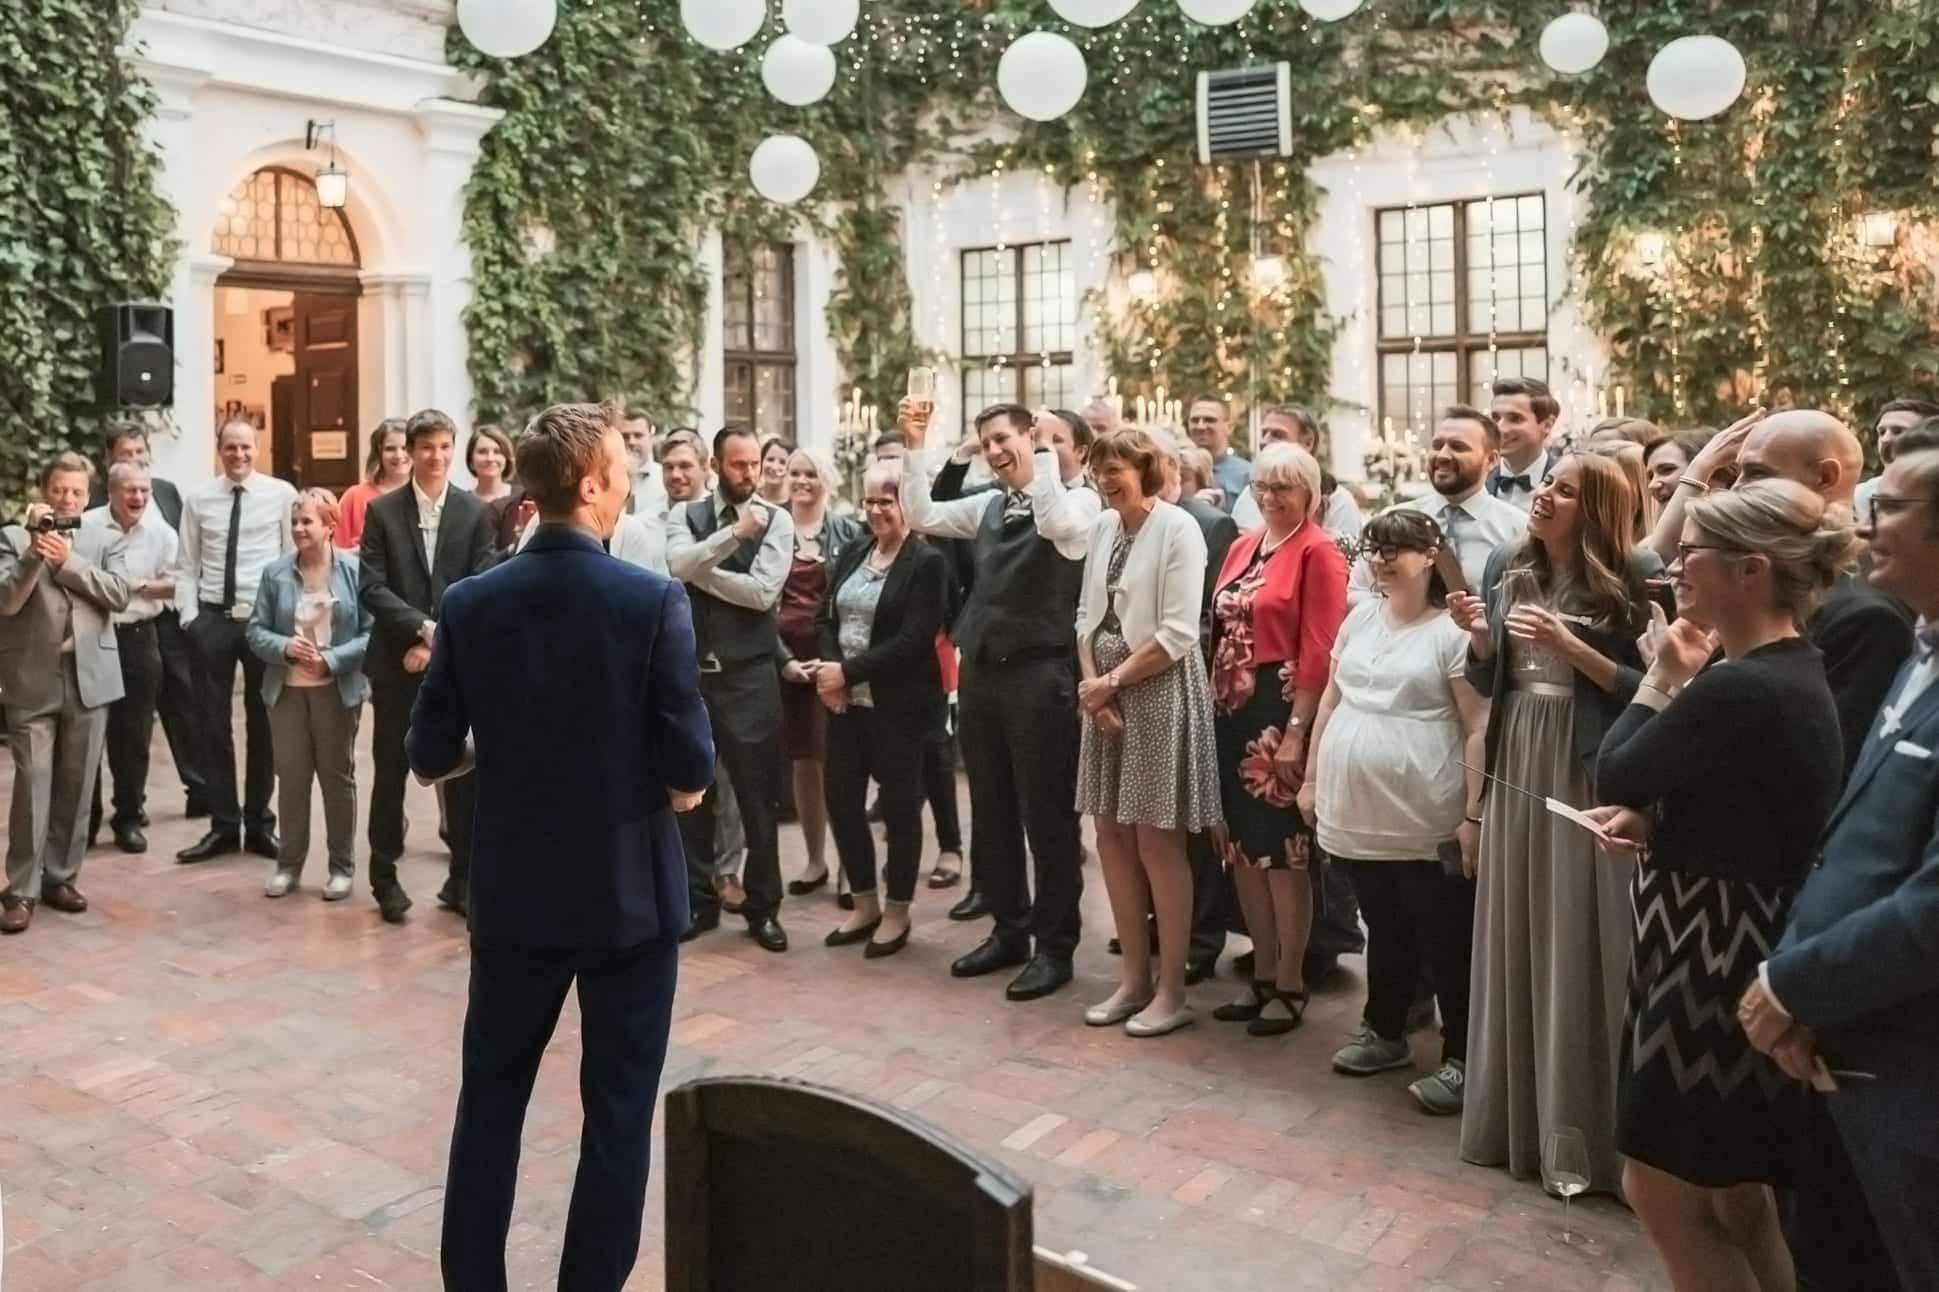 Die Mitarbeiter applaudieren dem Zauberer auf ihrer Weihnachtsfeier.